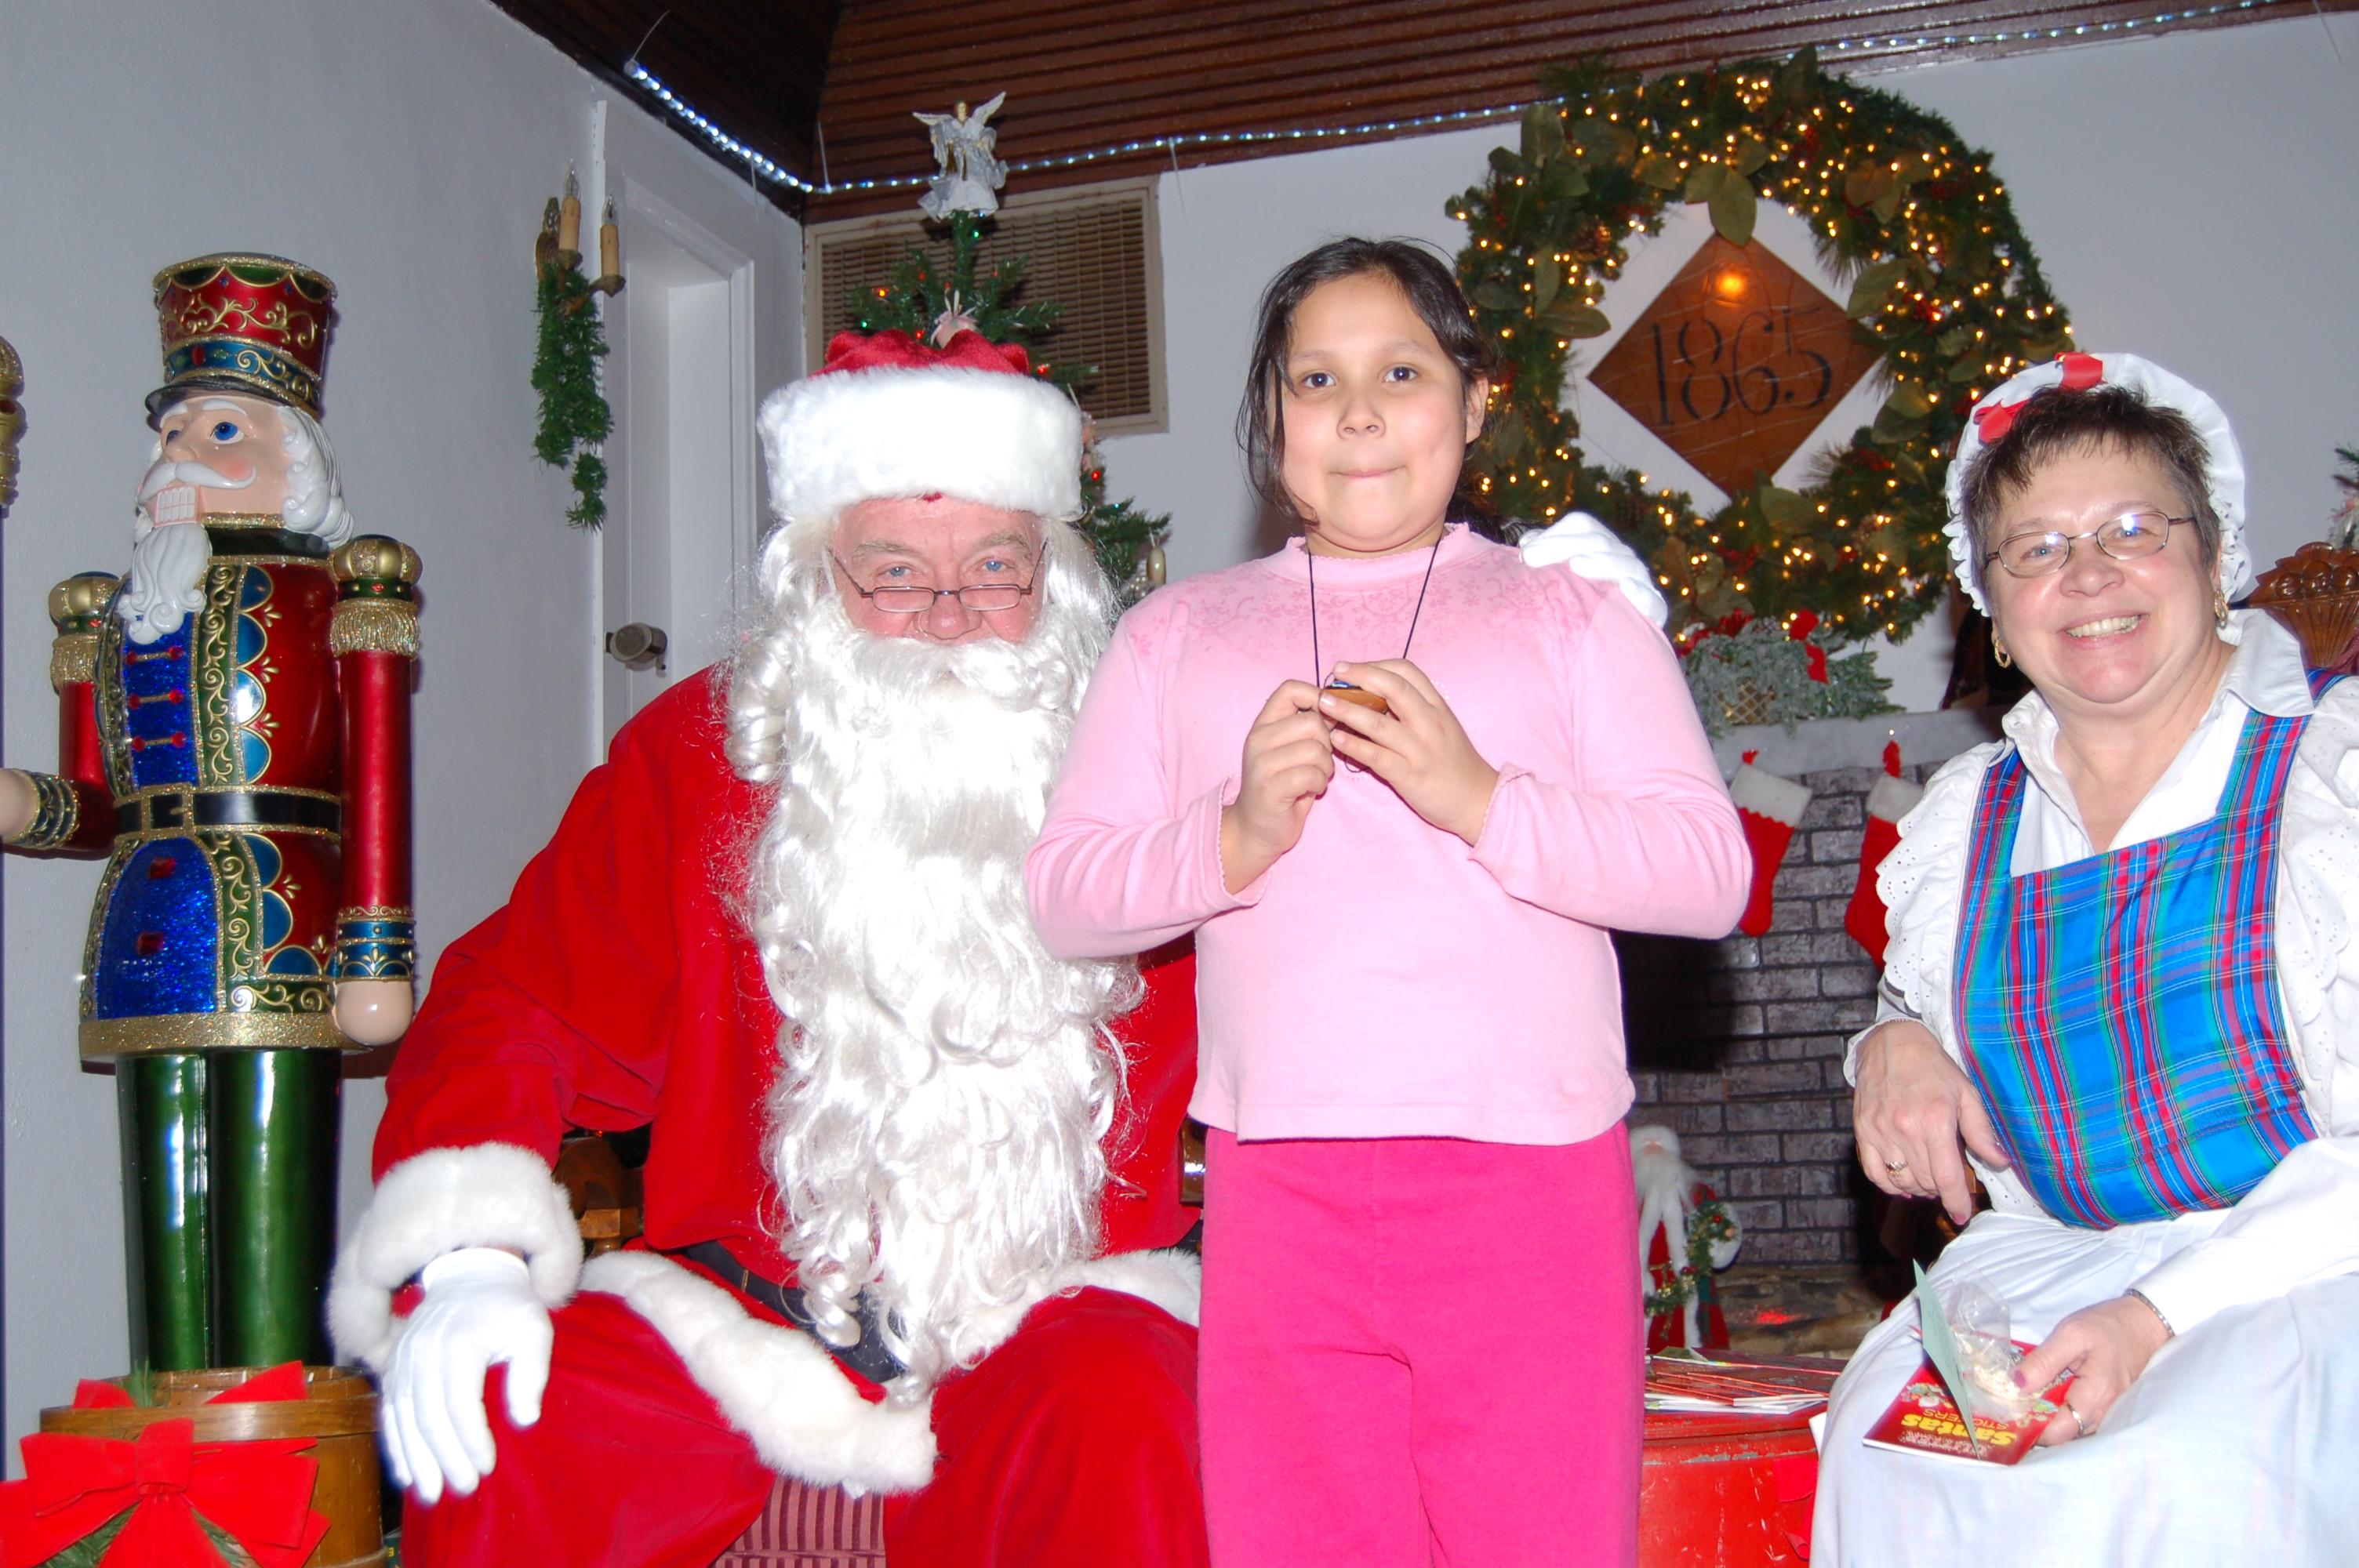 LolliPop+Lane+12-11-2008+Picture+019.jpg